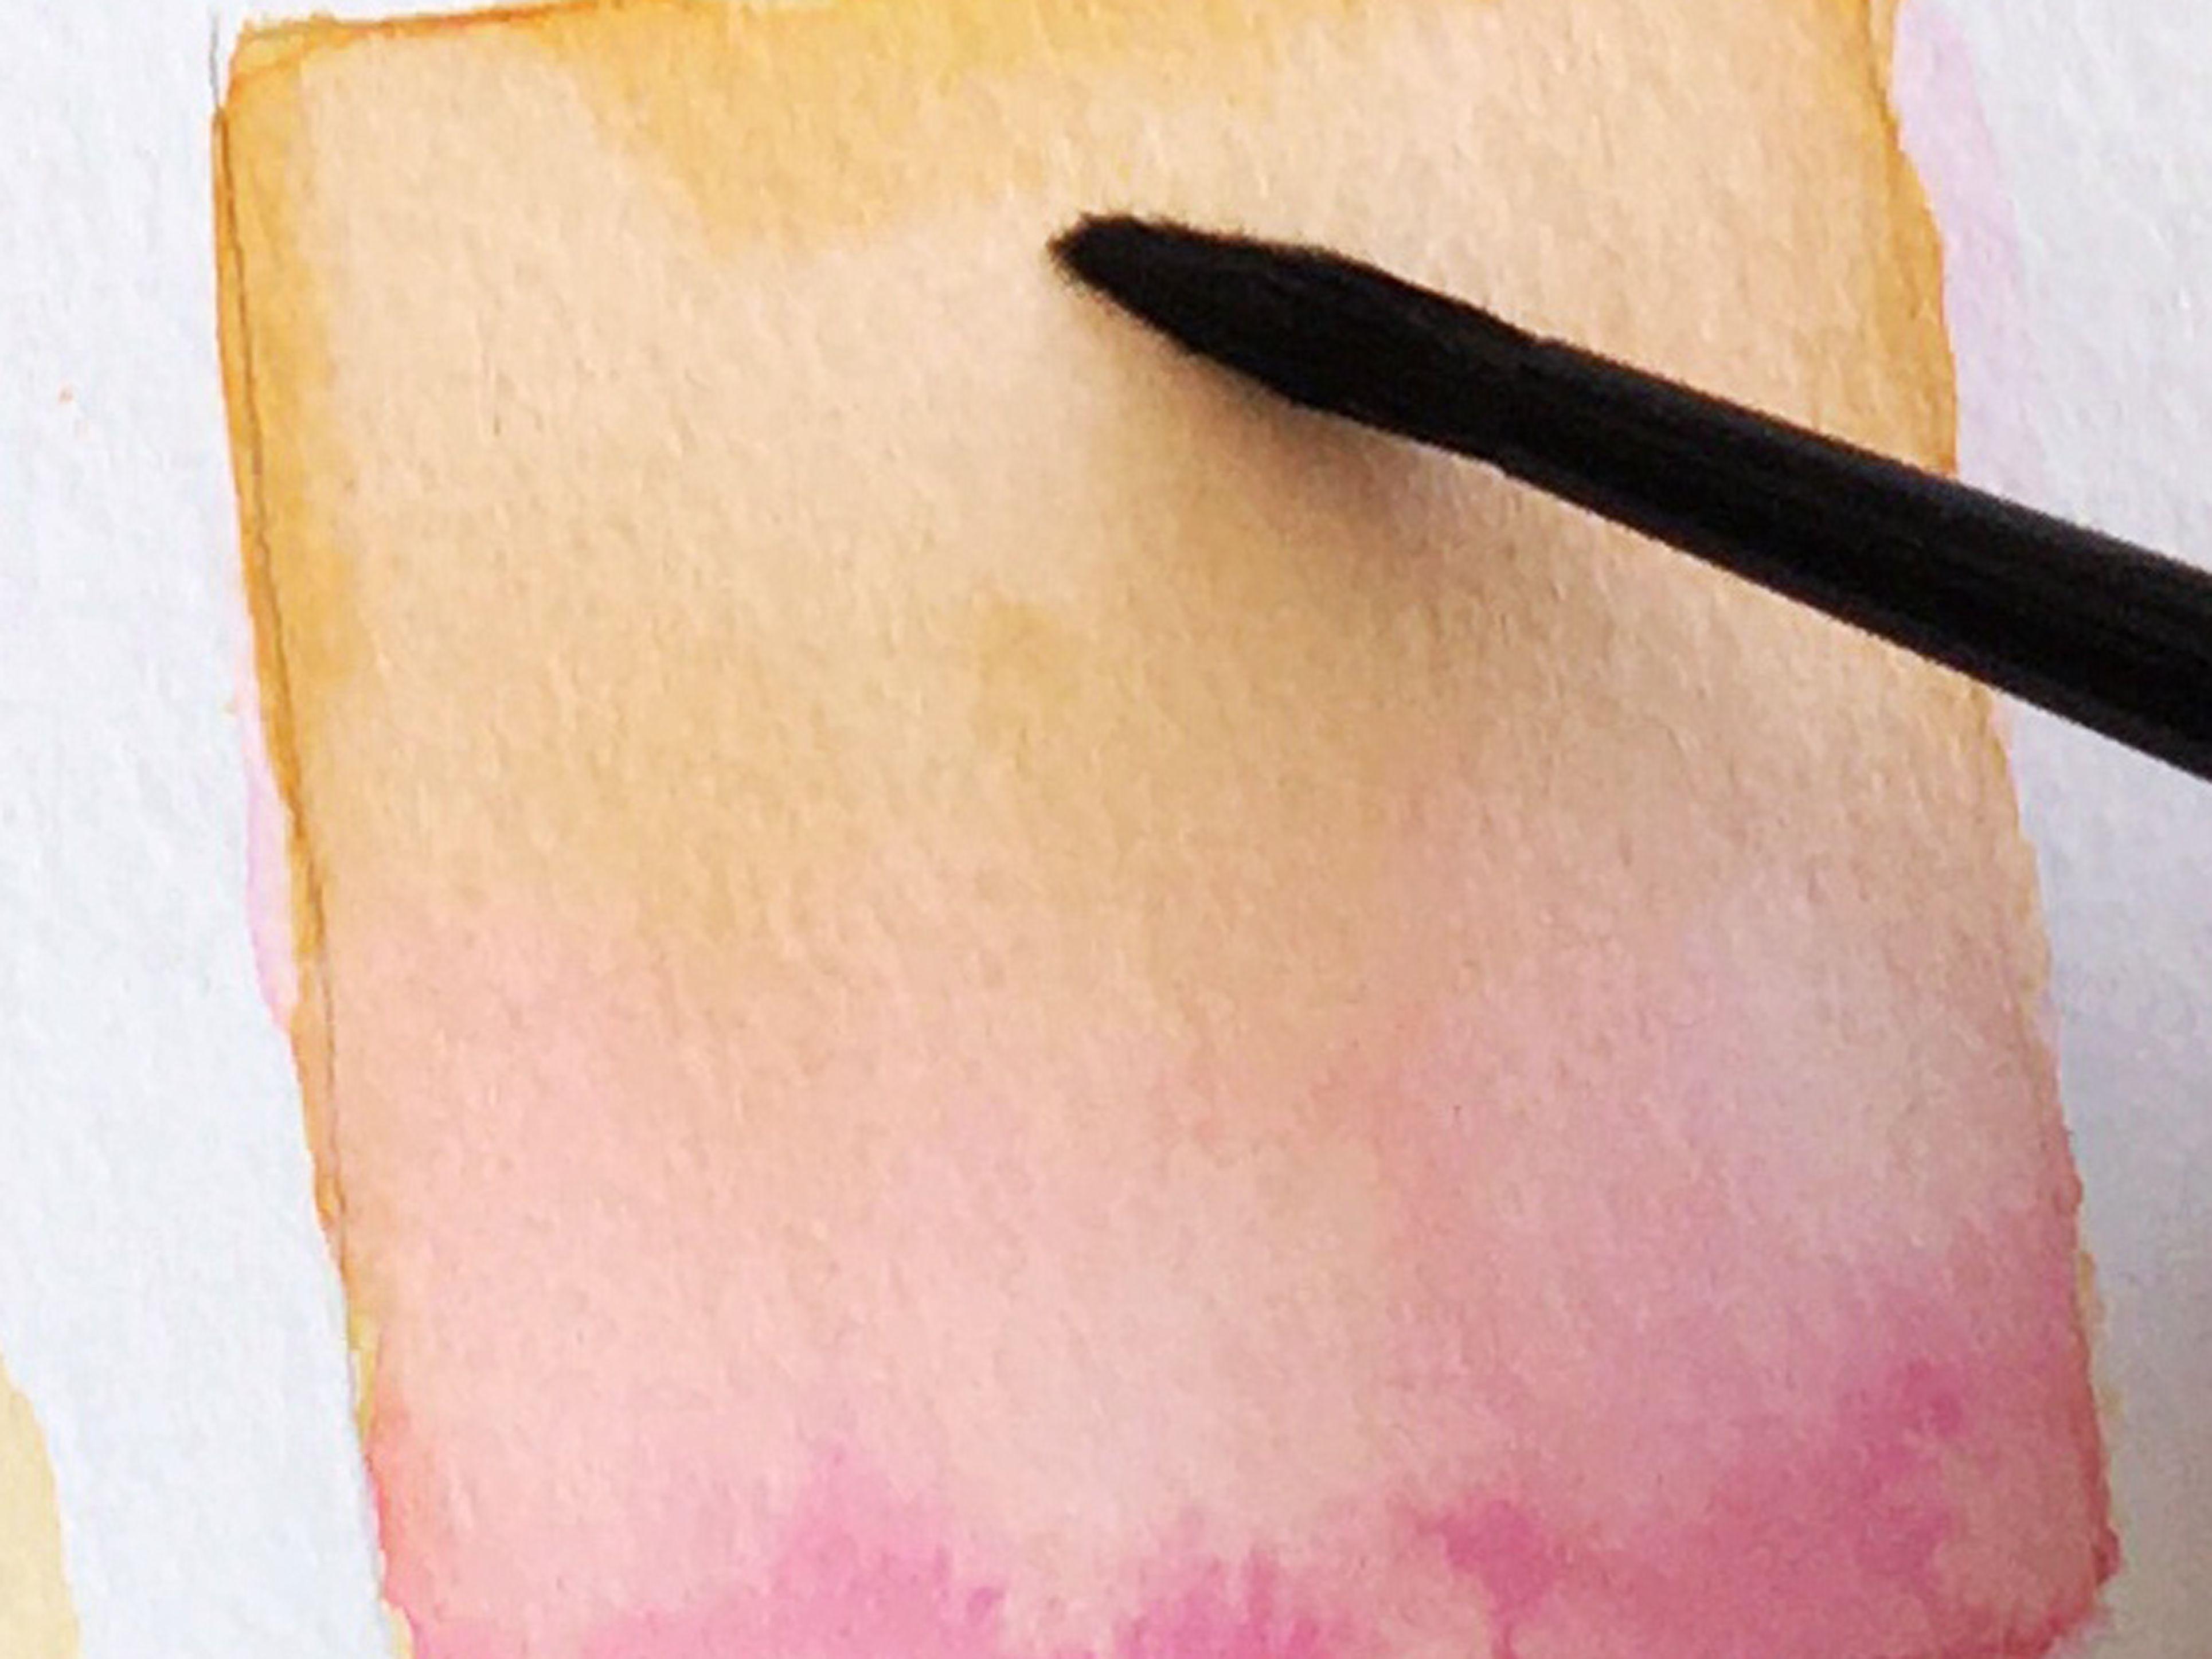 Recuadro con veladuras de acuarela en dos colores degradados